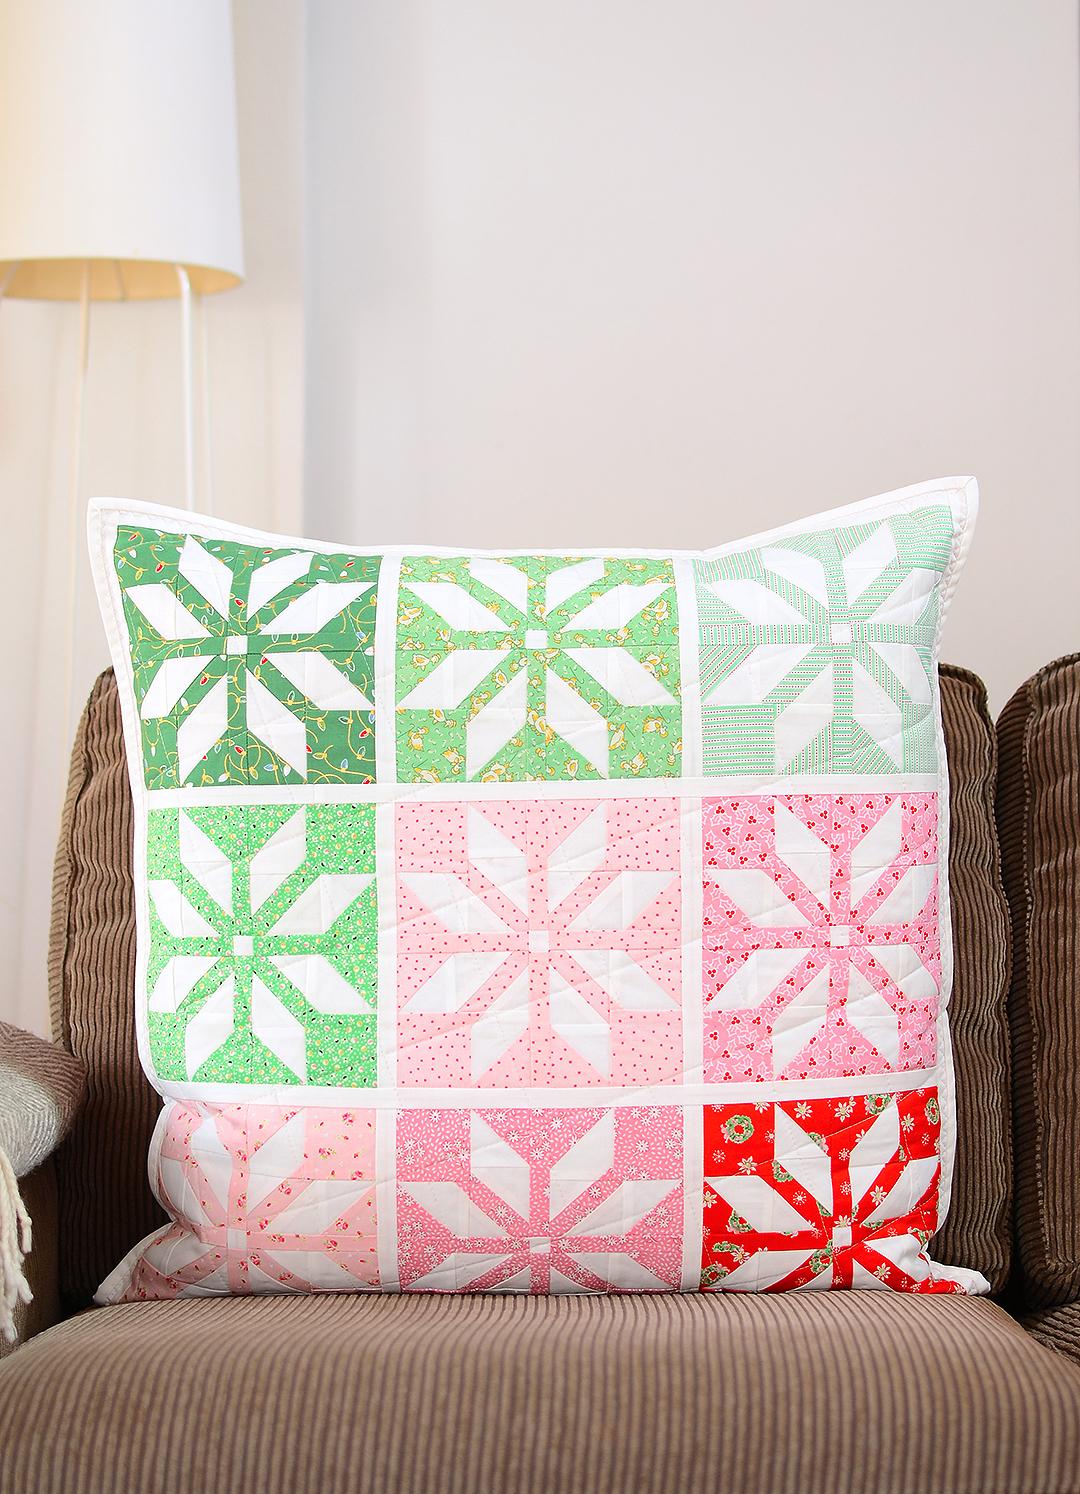 Star quilt pillow